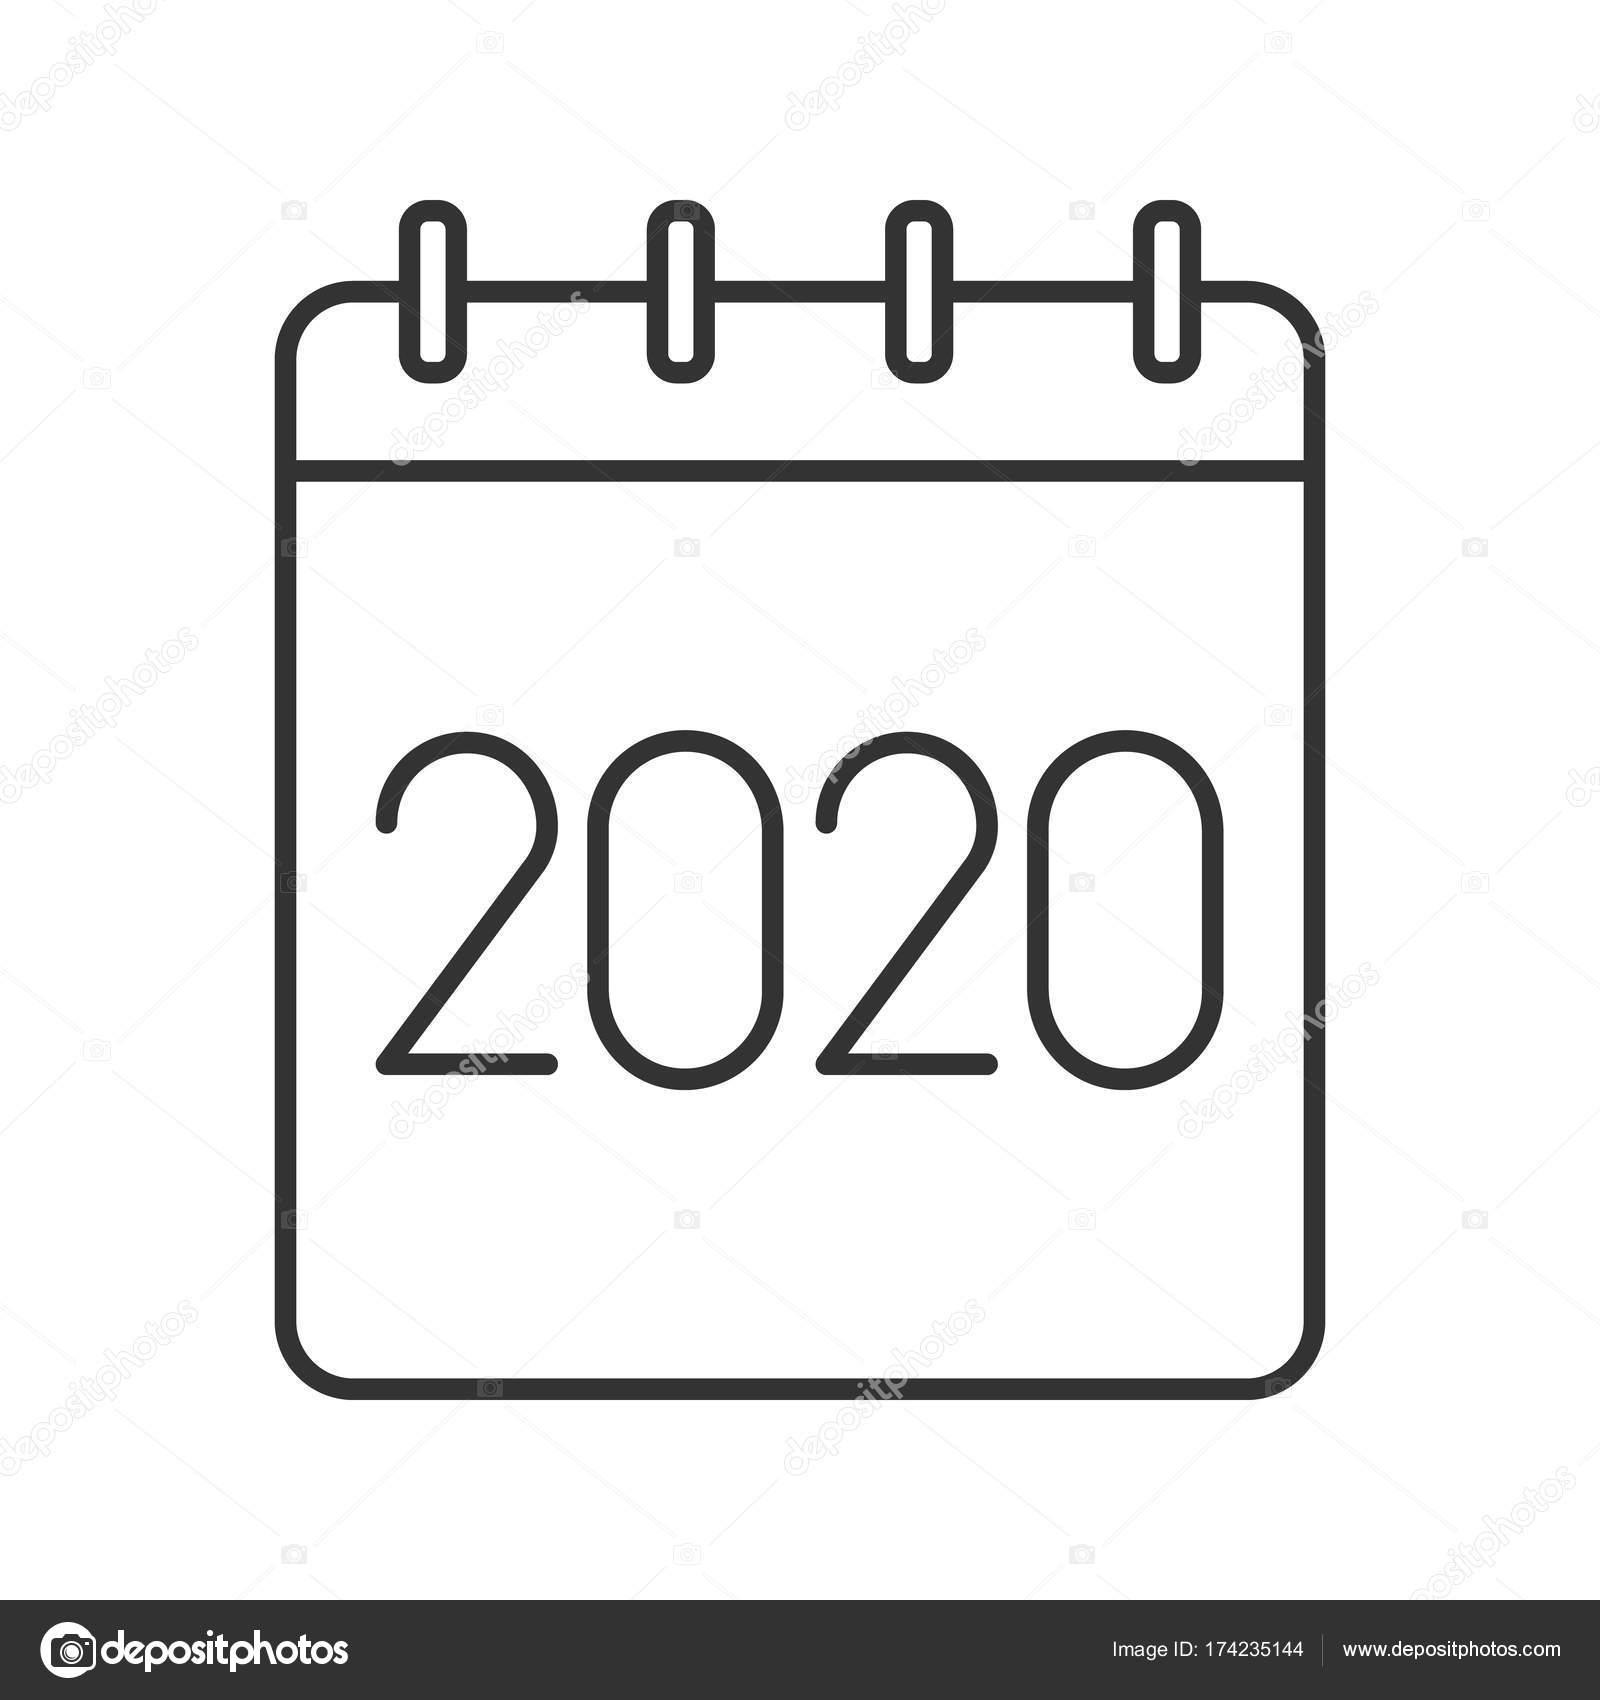 Bsd Calendar 2020 2020 annual calendar icon — Stock Vector © bsd #174235144